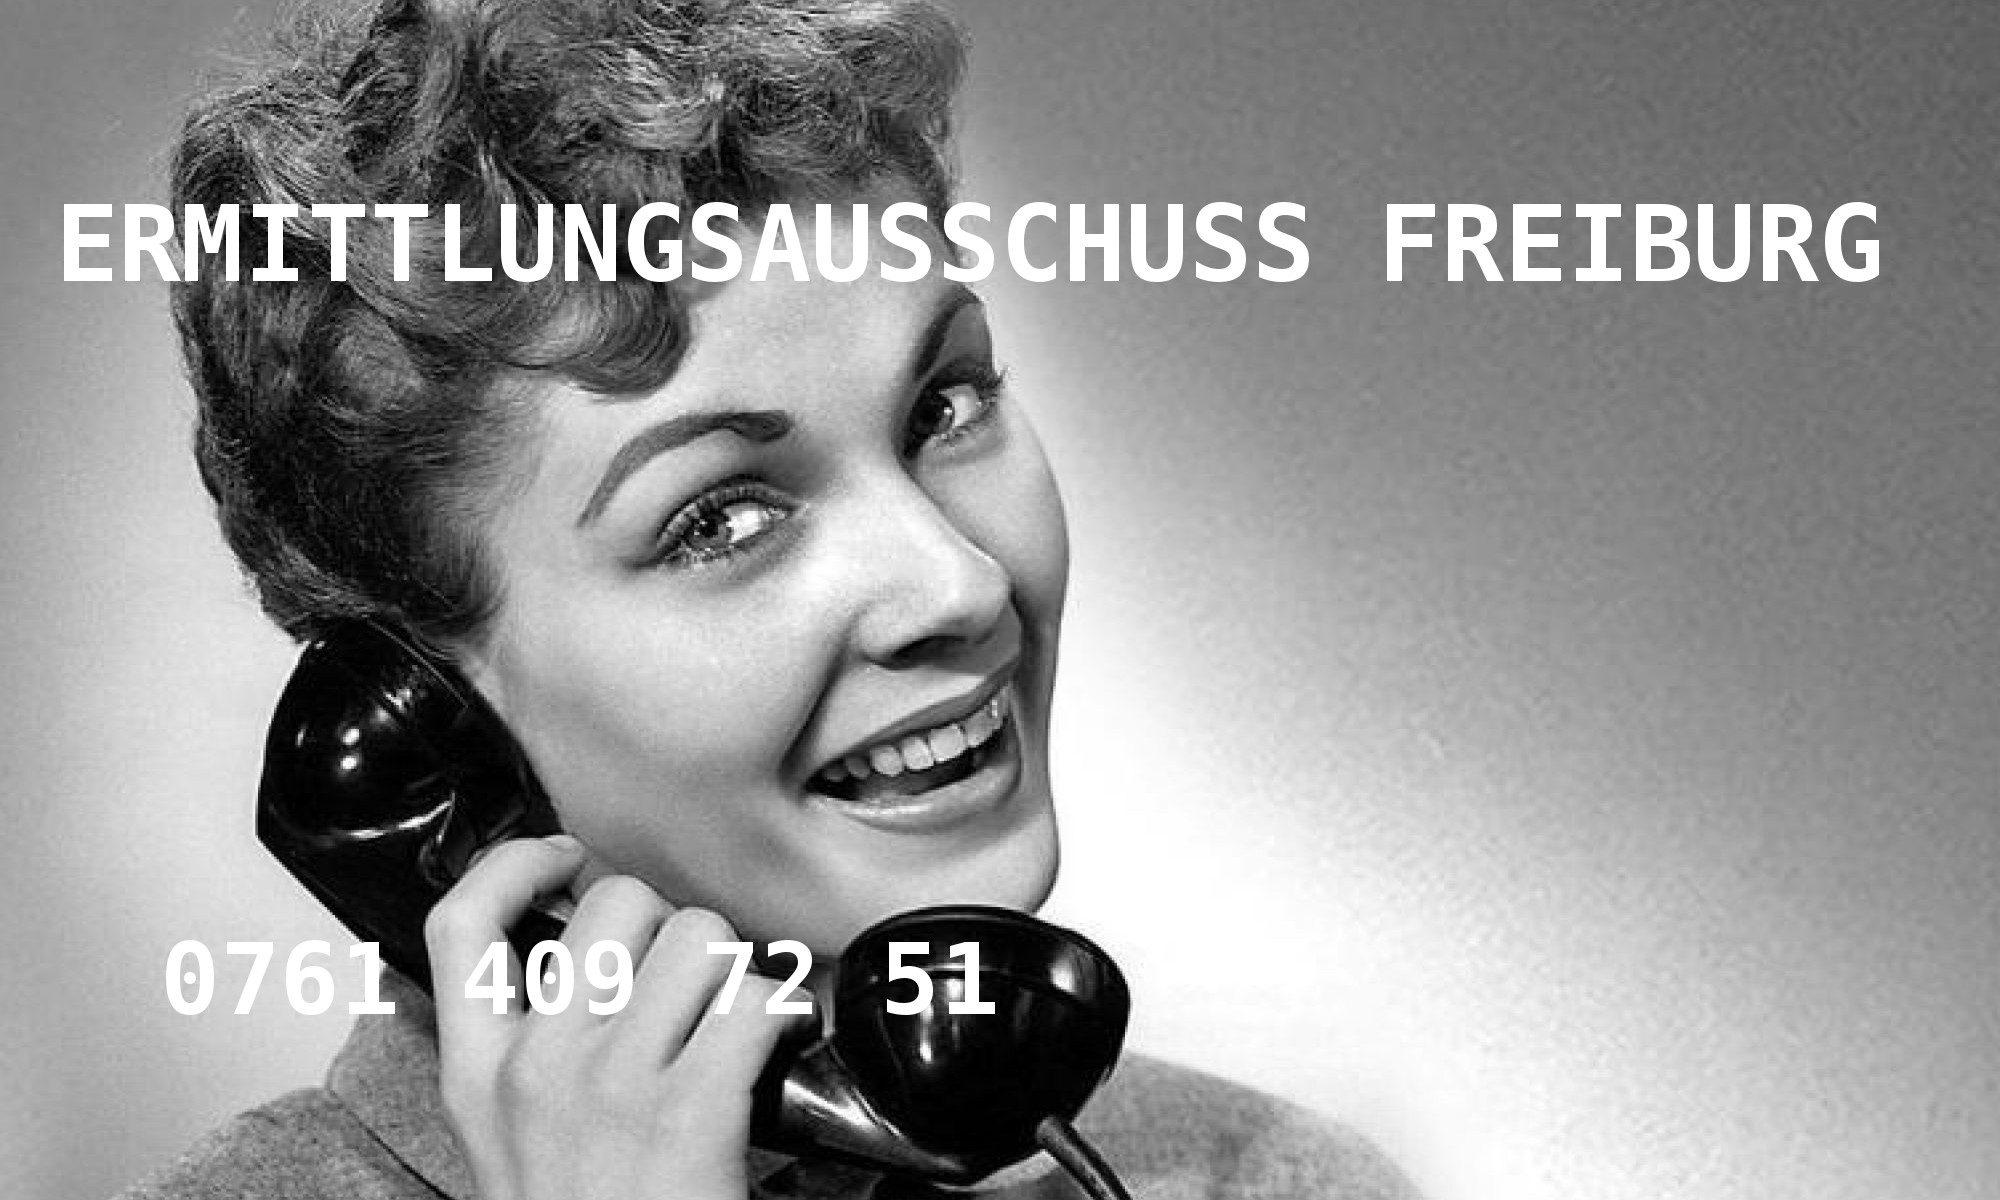 Ermittlungsausschuss Freiburg